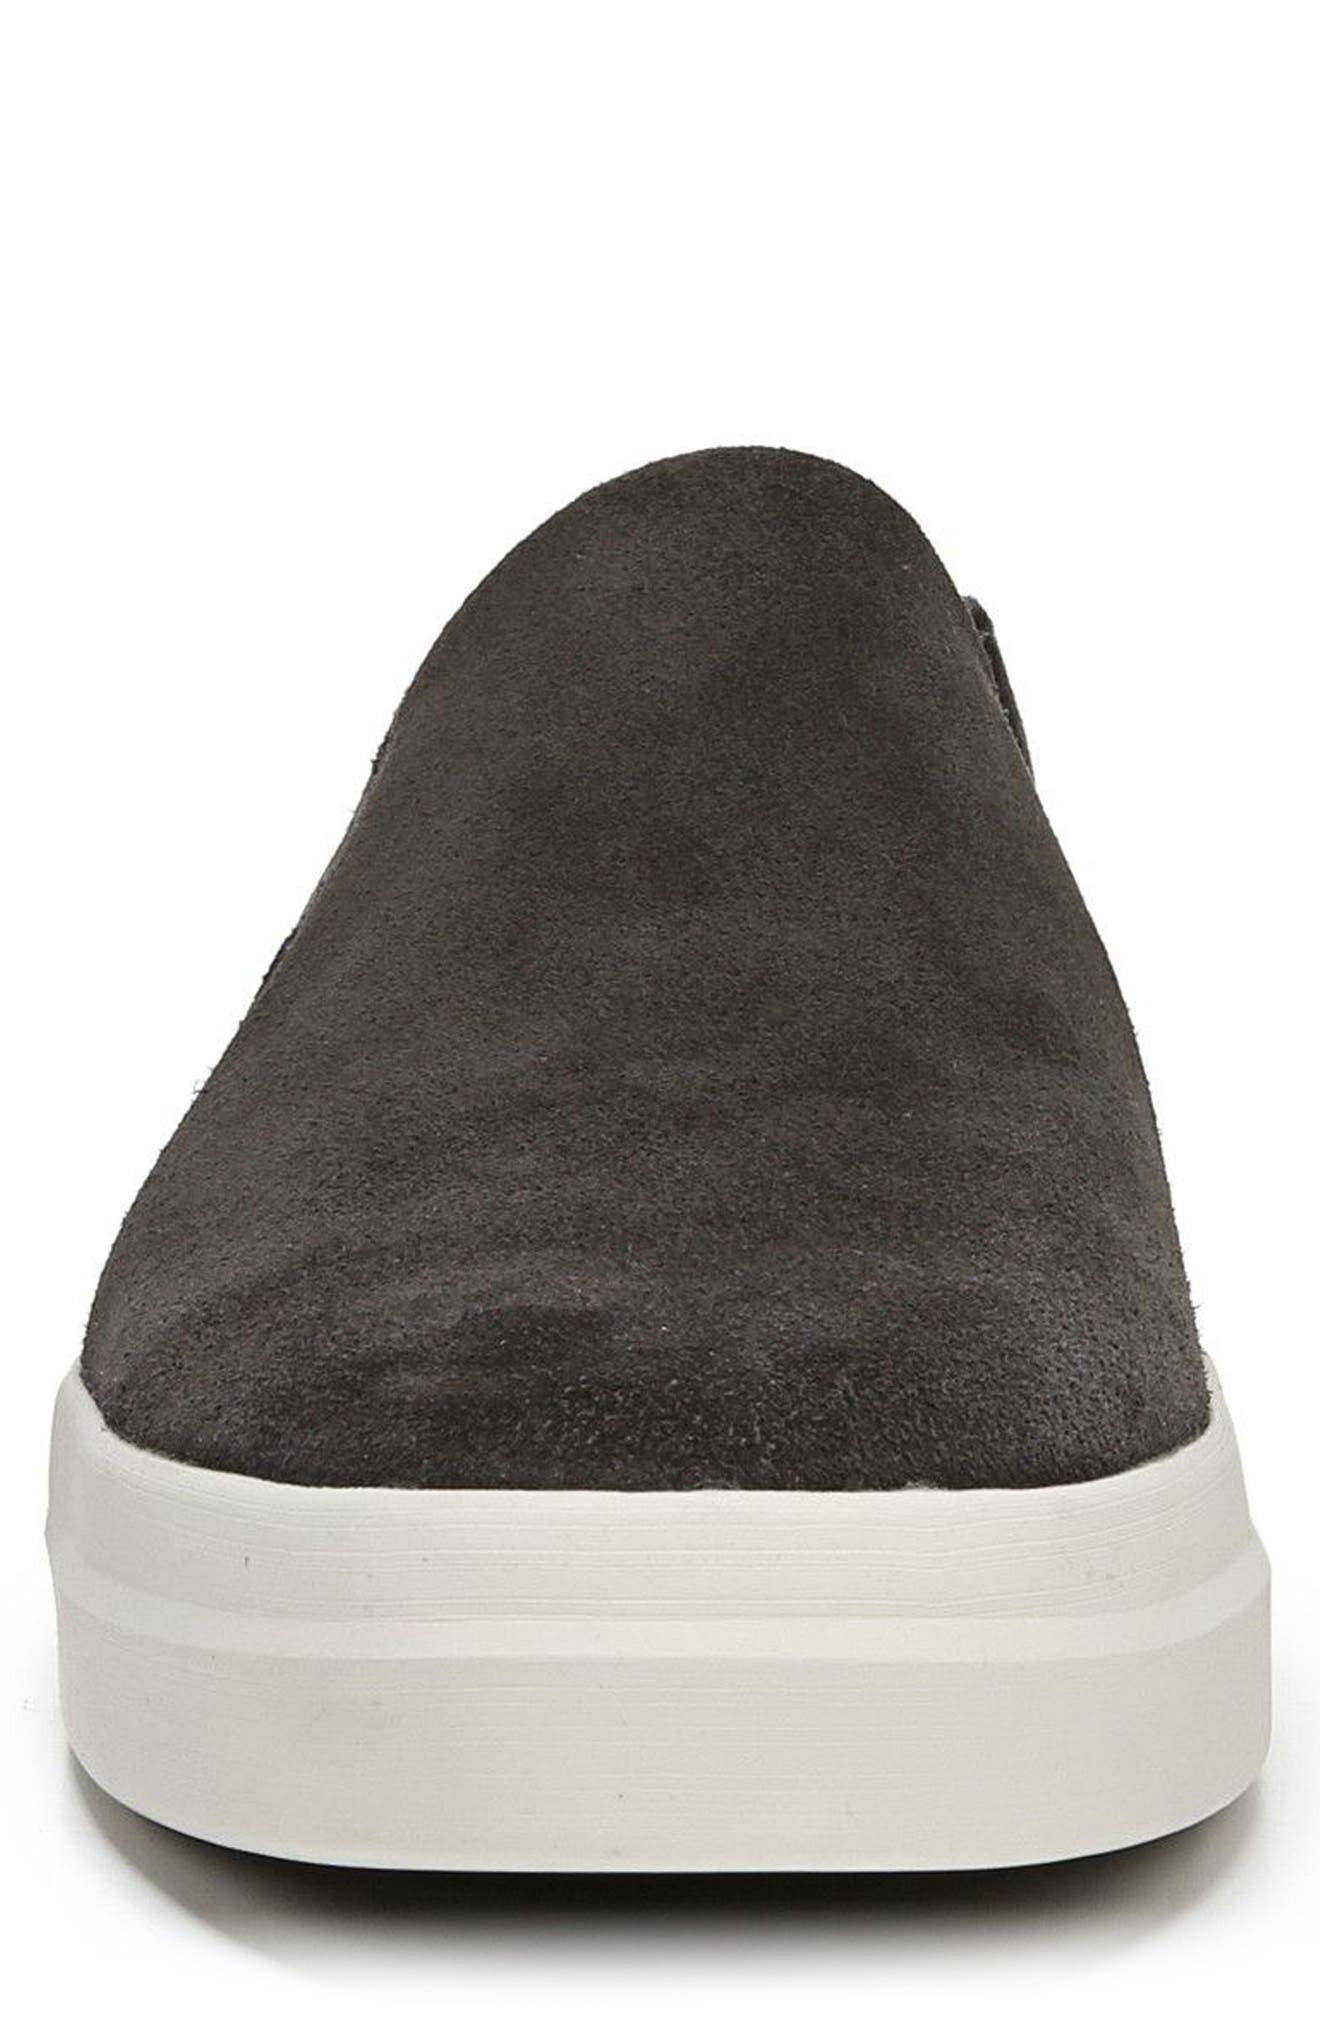 Carlin Slip-On Sneaker,                             Alternate thumbnail 4, color,                             Graphite